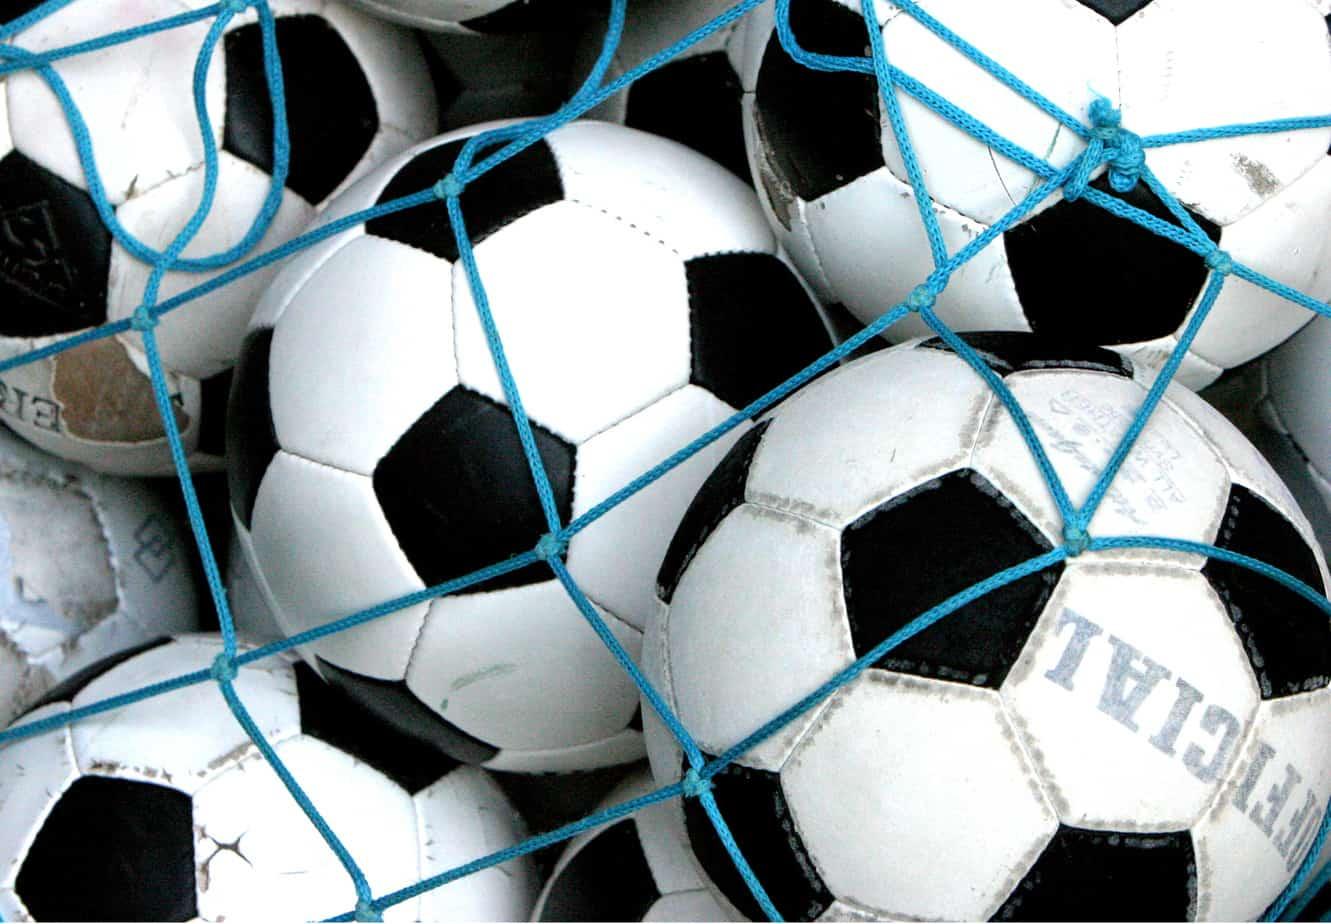 Fußball Mega Fußball Spielball Sport Spiel Football Fussball Match WM EM Kugel Strand